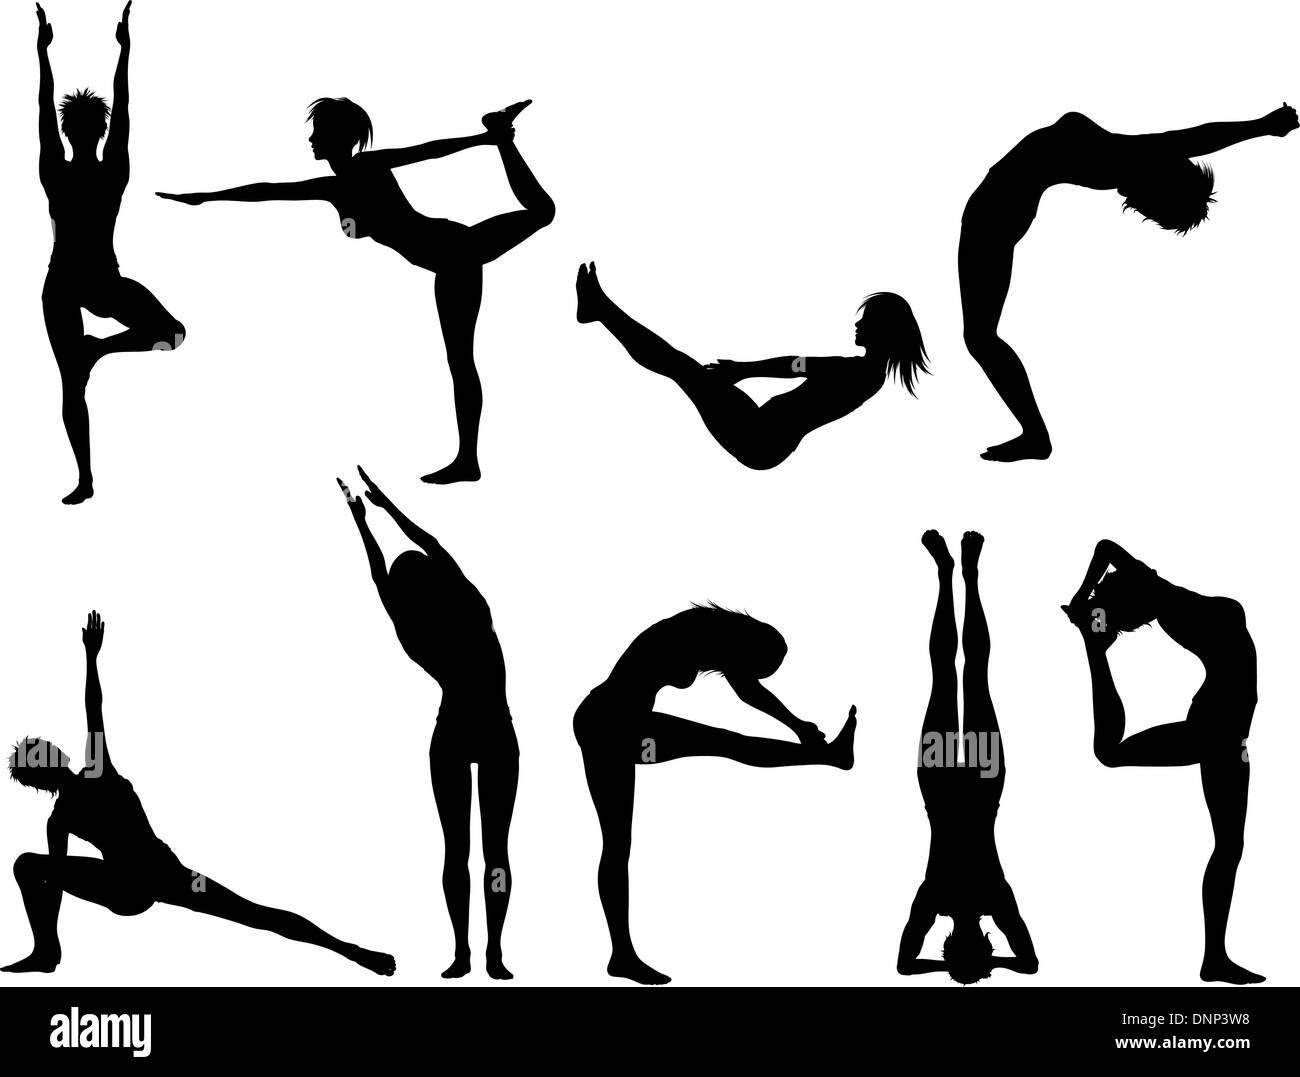 Silhouettes de femmes dans diverses postures de yoga Photo Stock